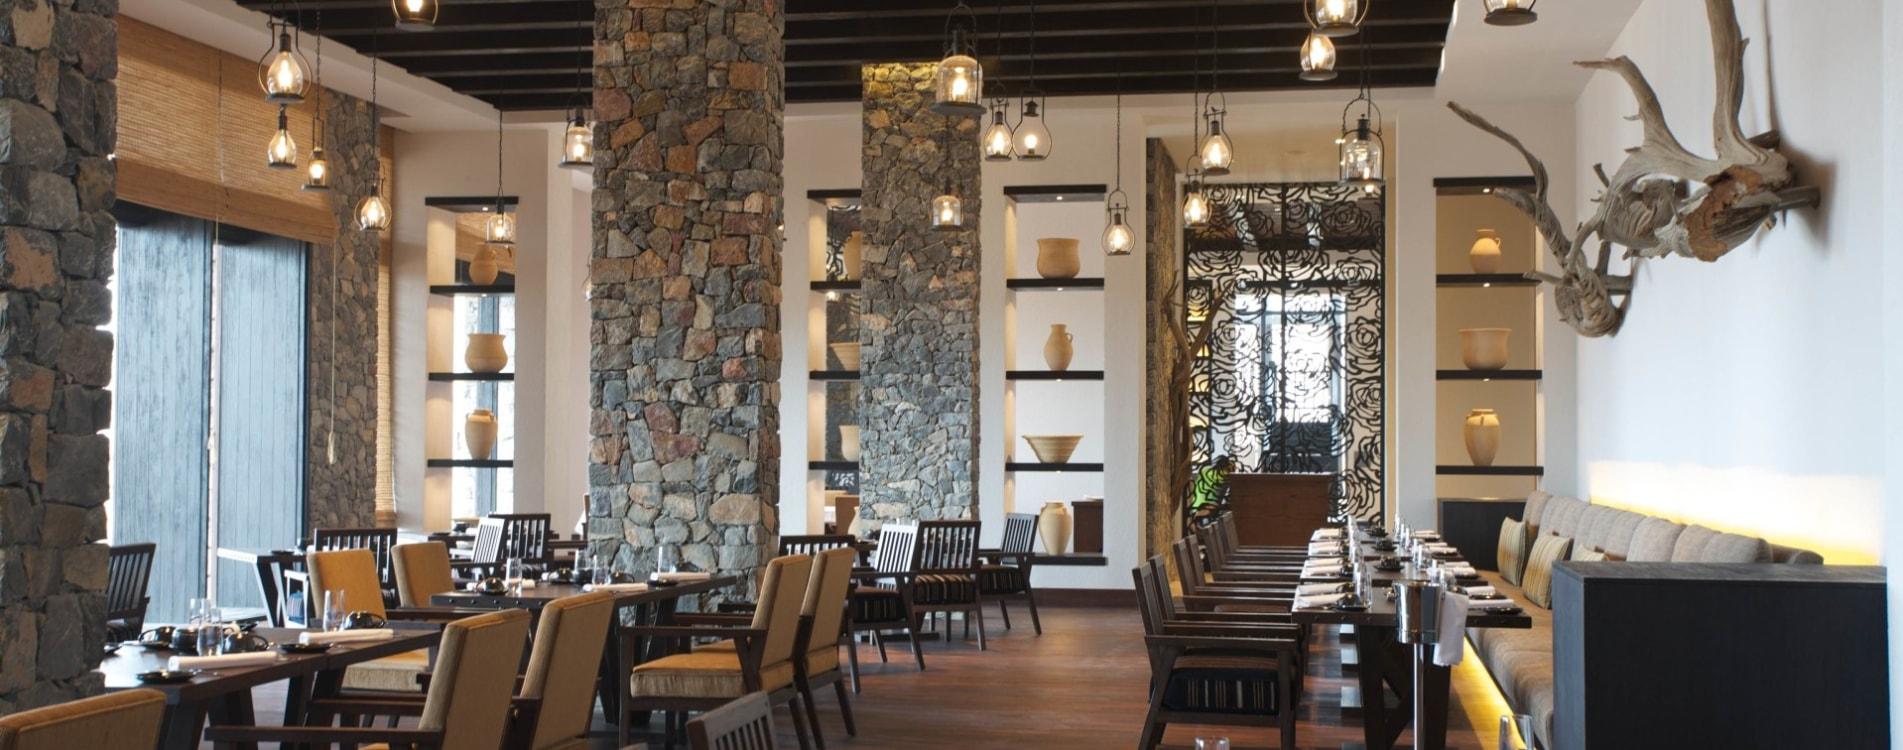 Alila-Jabal-Akhdar-Restaurant-Juniper-Interior-Oman.jpg